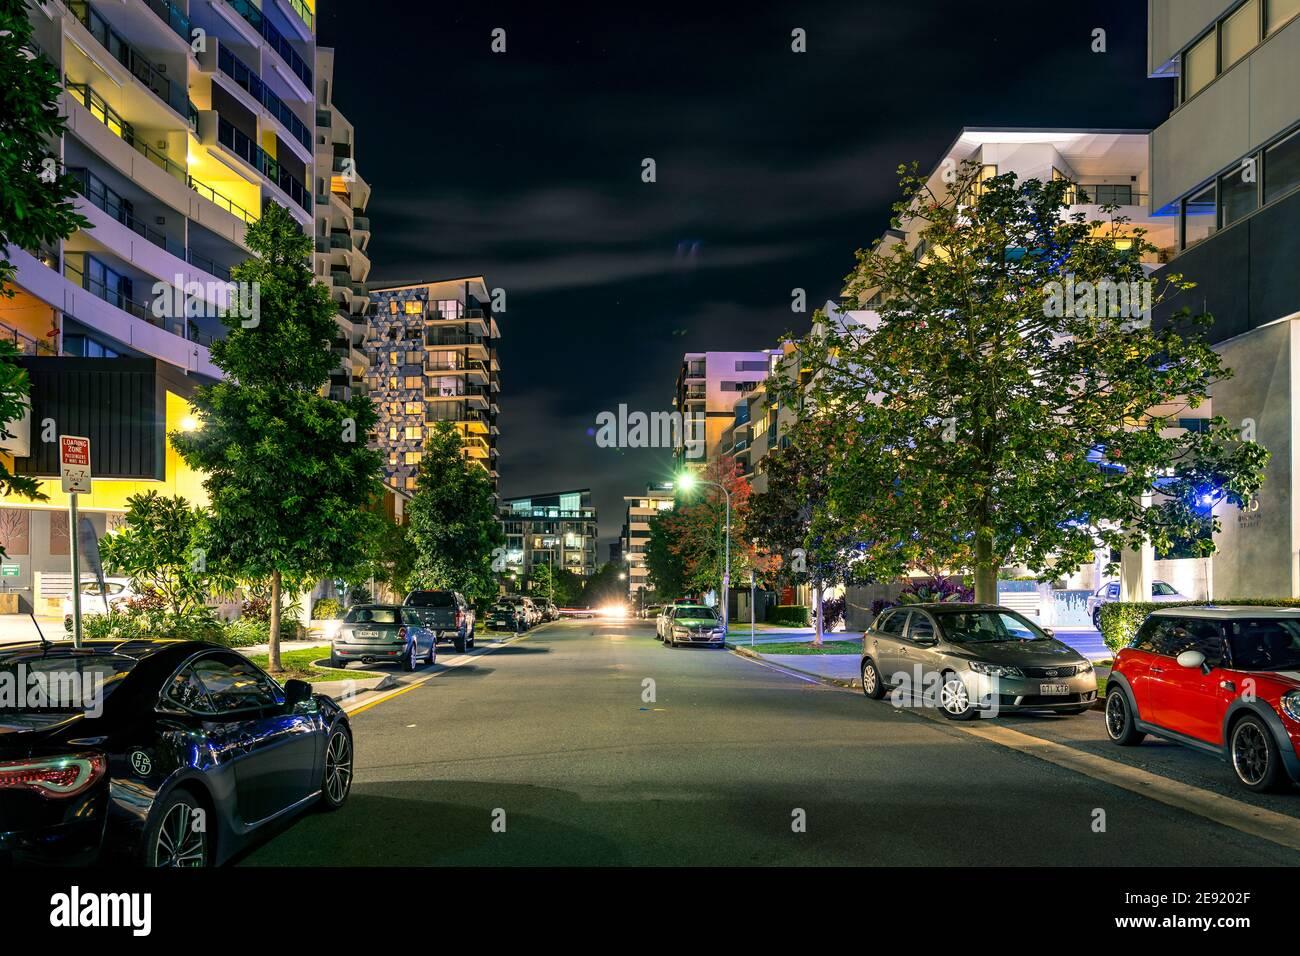 Brisbane, Australia - Apartamentos residenciales por la noche Foto de stock